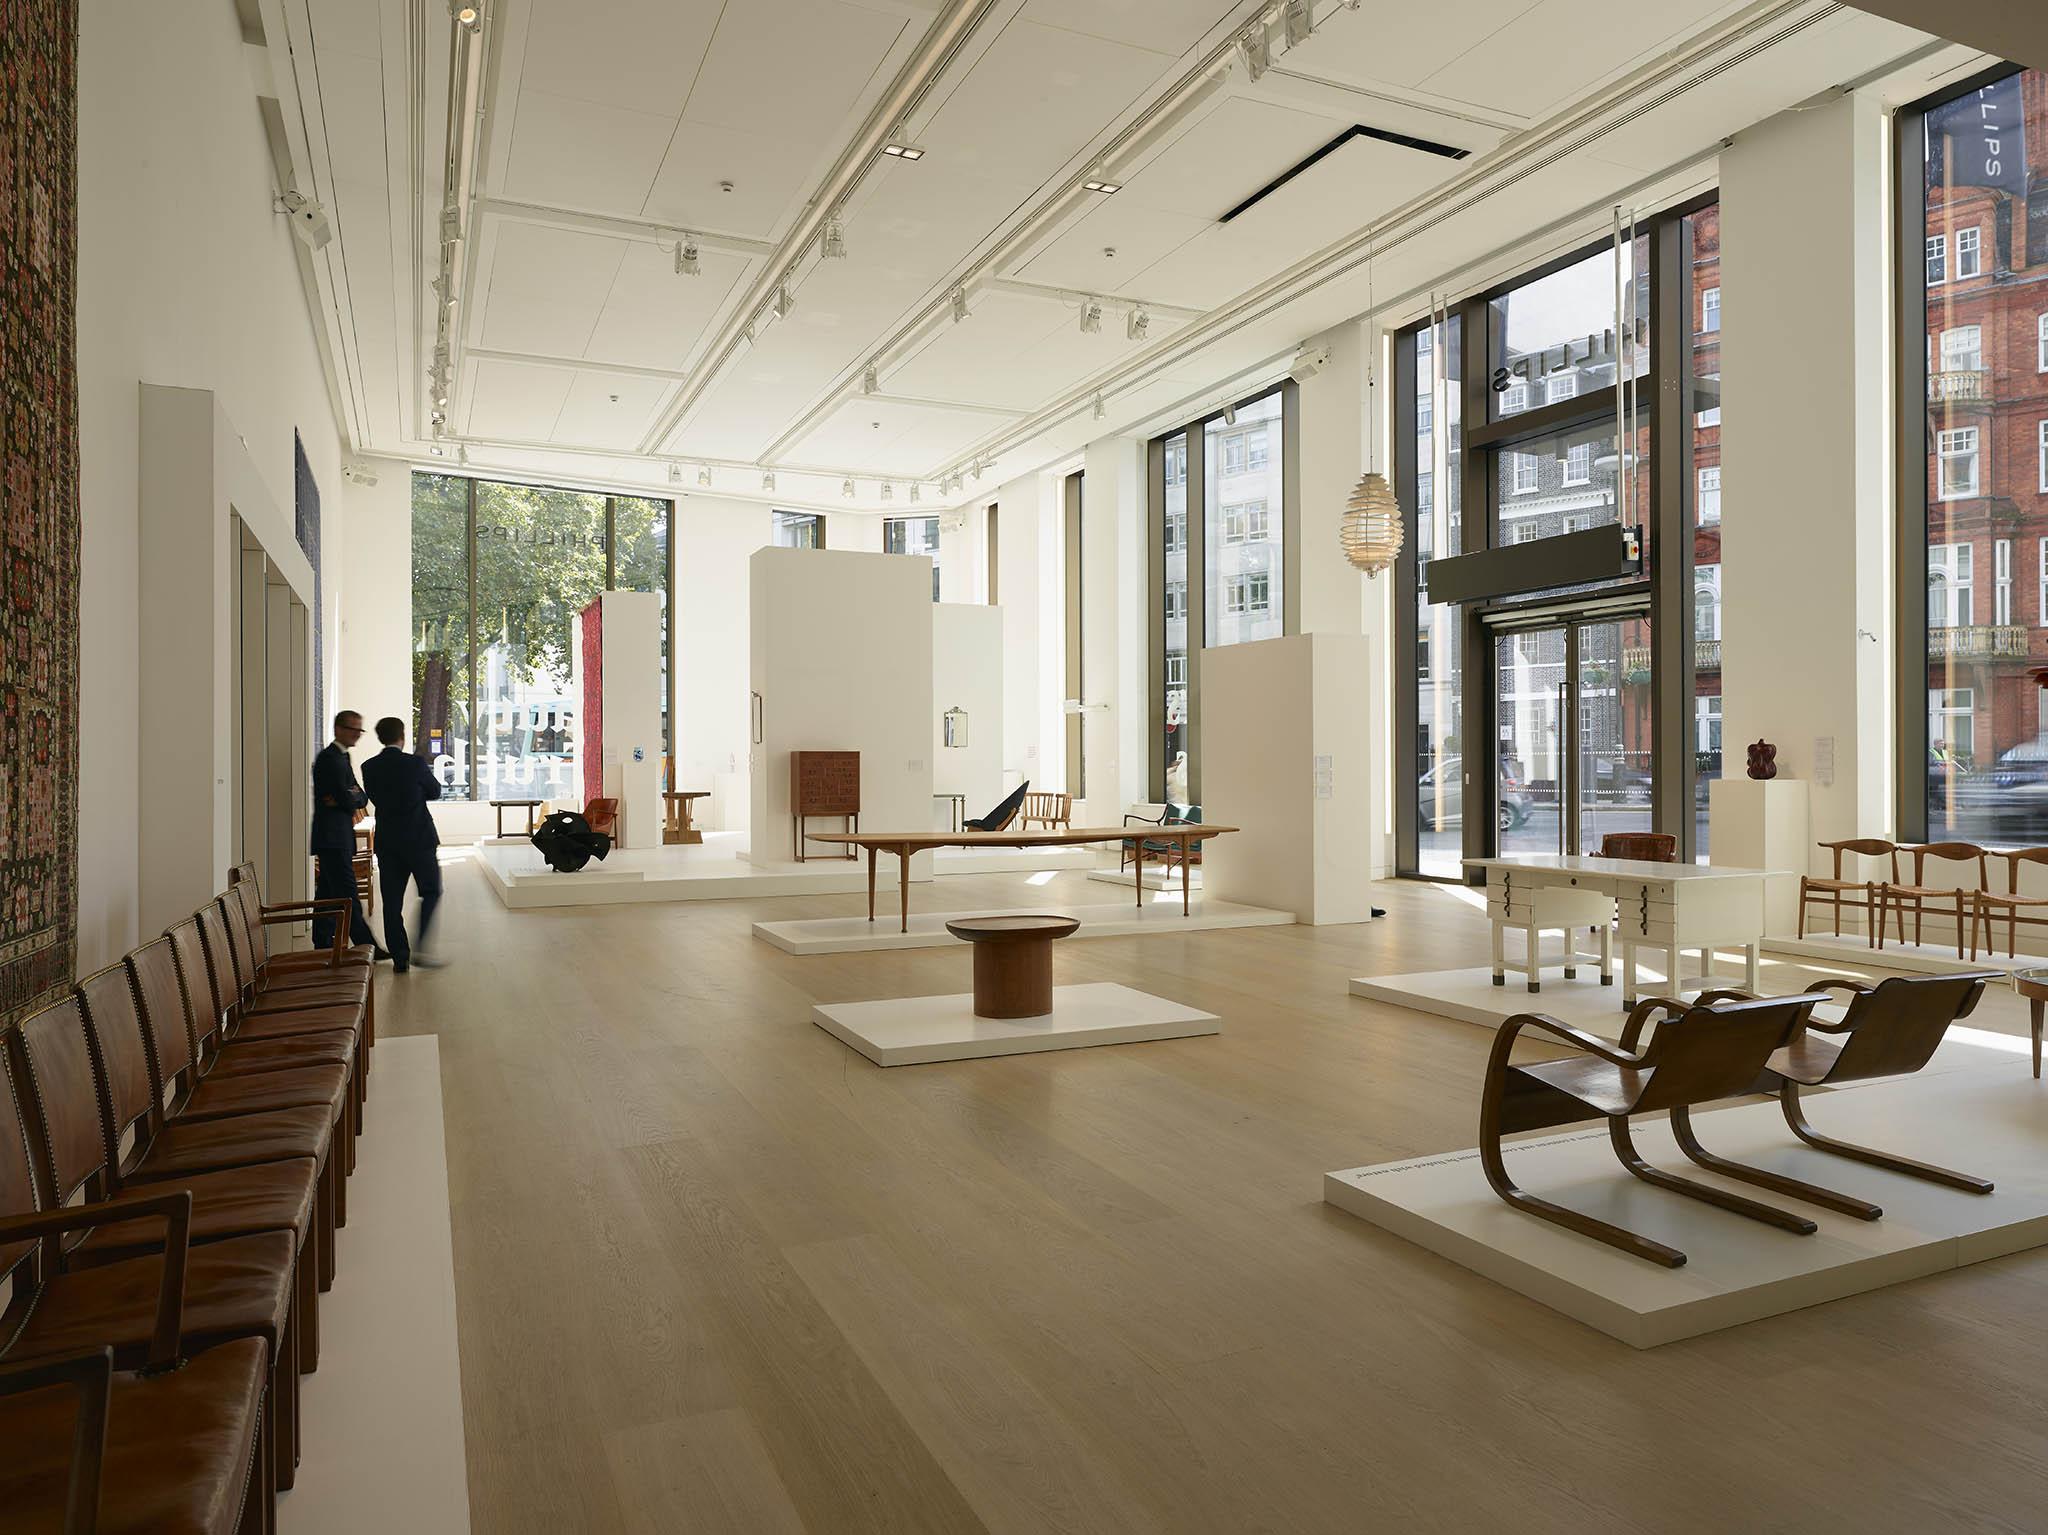 Před aukcí mají zájemci odražená díla kdispozici čtyřpatrový výstavní prostor naprestižní londýnské adrese. Tam si mohou díla prohlédnout až10dní před samotnou aukcí.